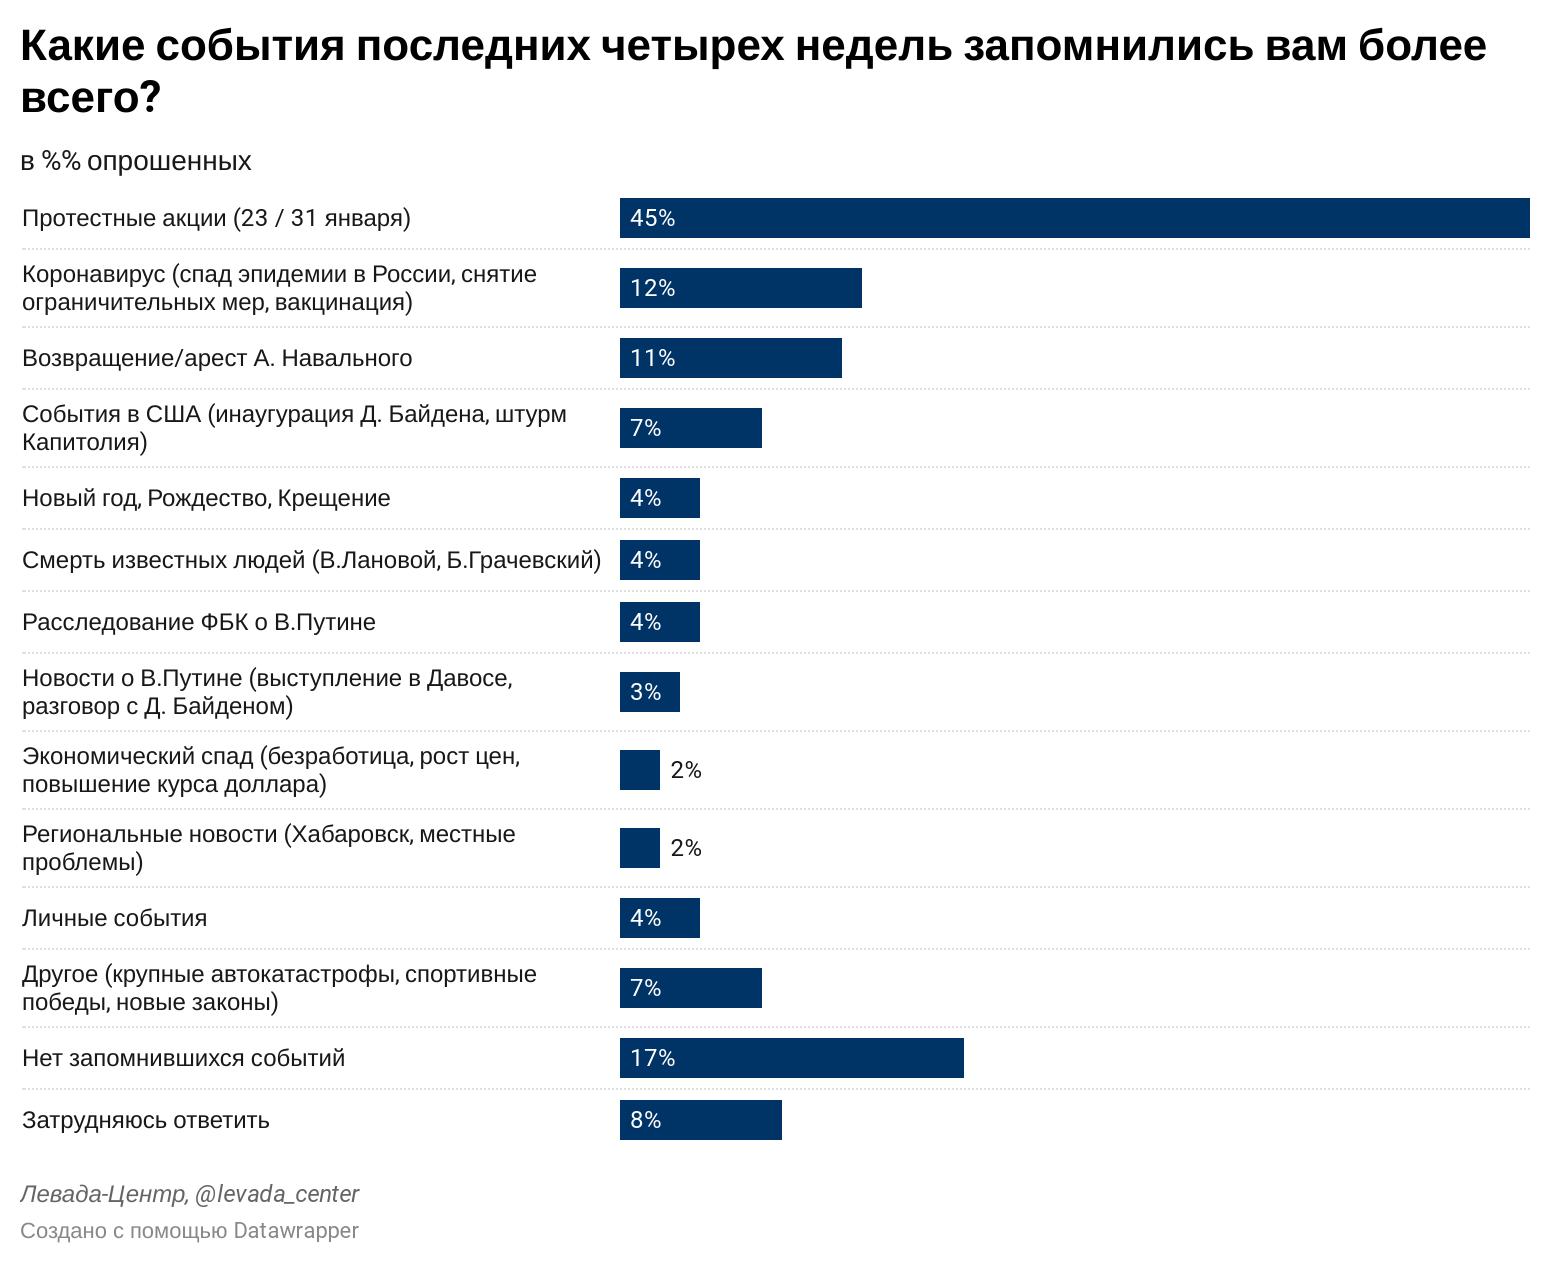 Протесты в поддержку Навального стали событием месяца для россиян – опрос Левада-Центра